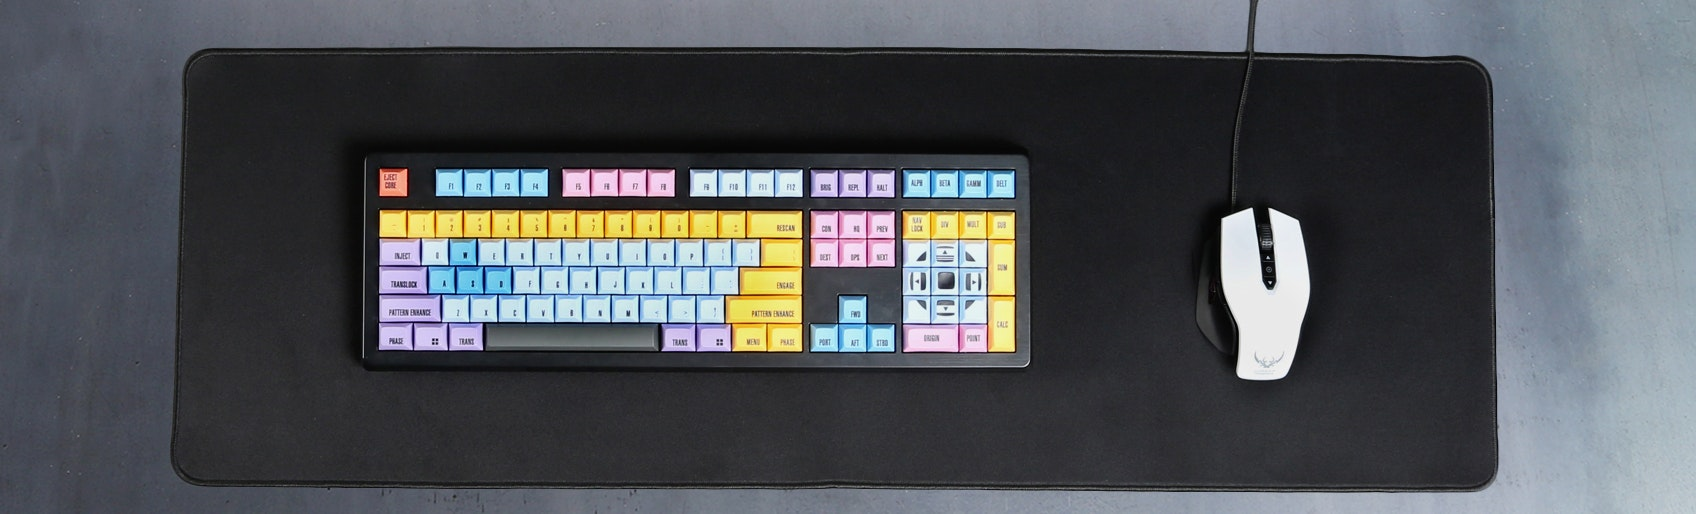 Superwide Desk Mat